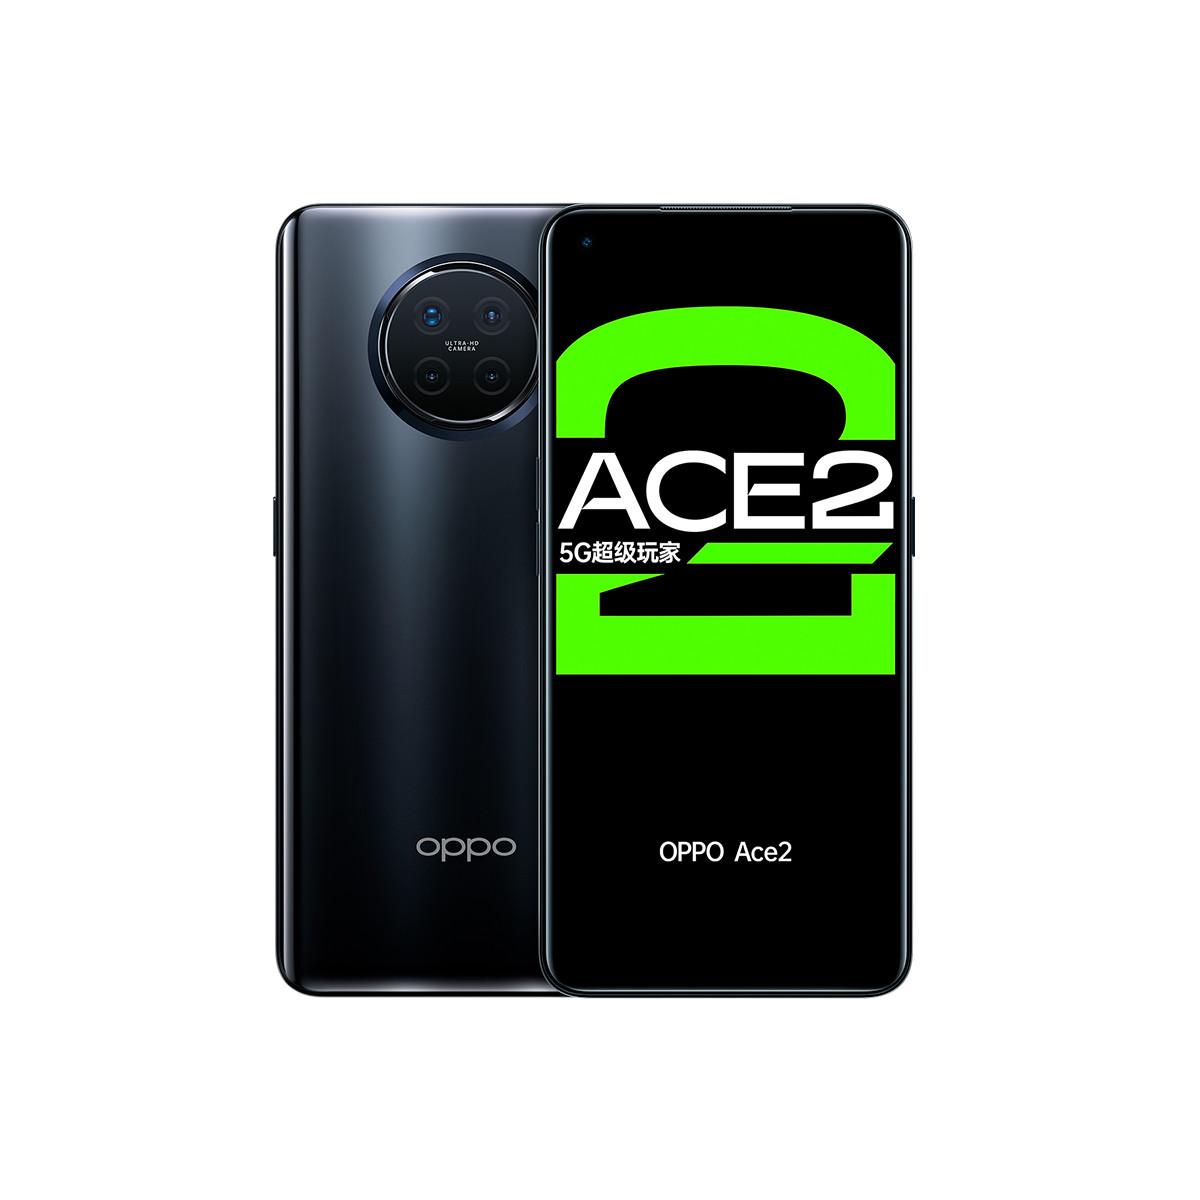 OPPOOPPO Ace2 无线键盘套餐全网通5G无线闪充游戏智能手机Ace2月岩灰8+128